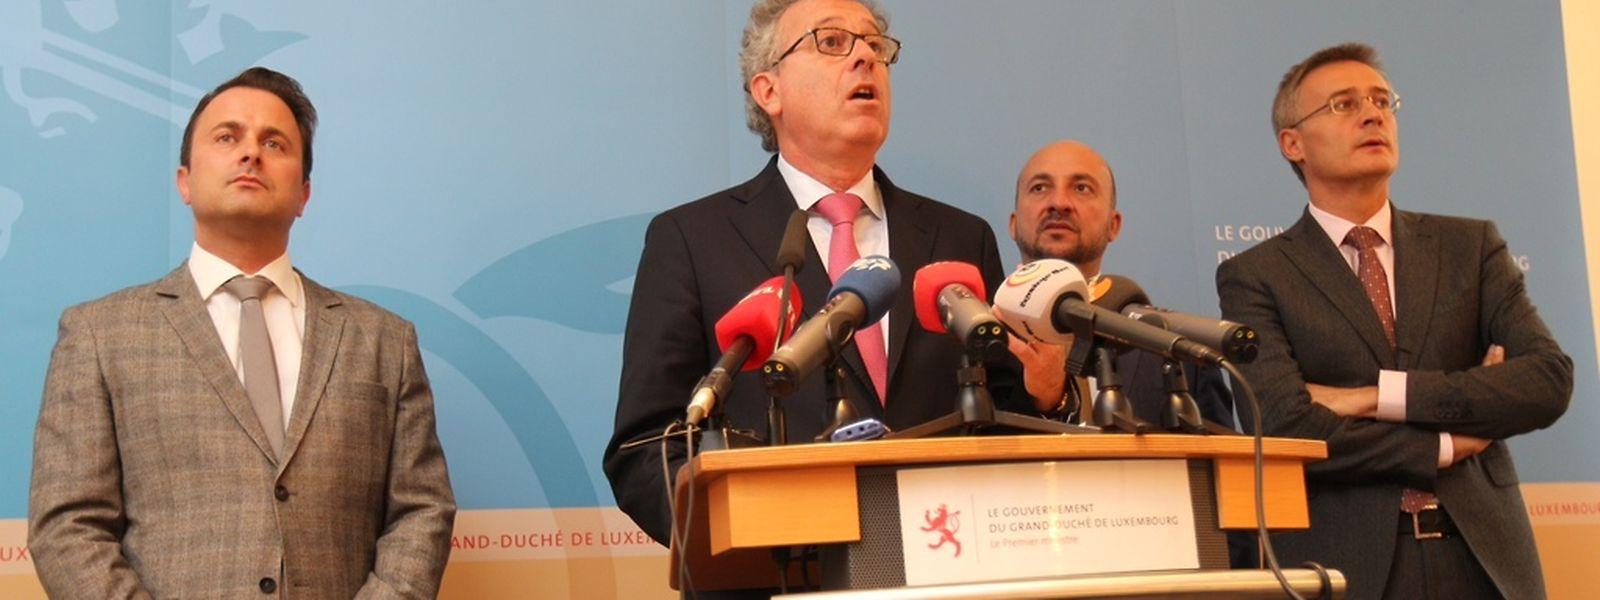 Le Premier ministre, Xavier Bettel, a redit jeudi matin que la pratique du « tax ruling » respectait les règles internationales